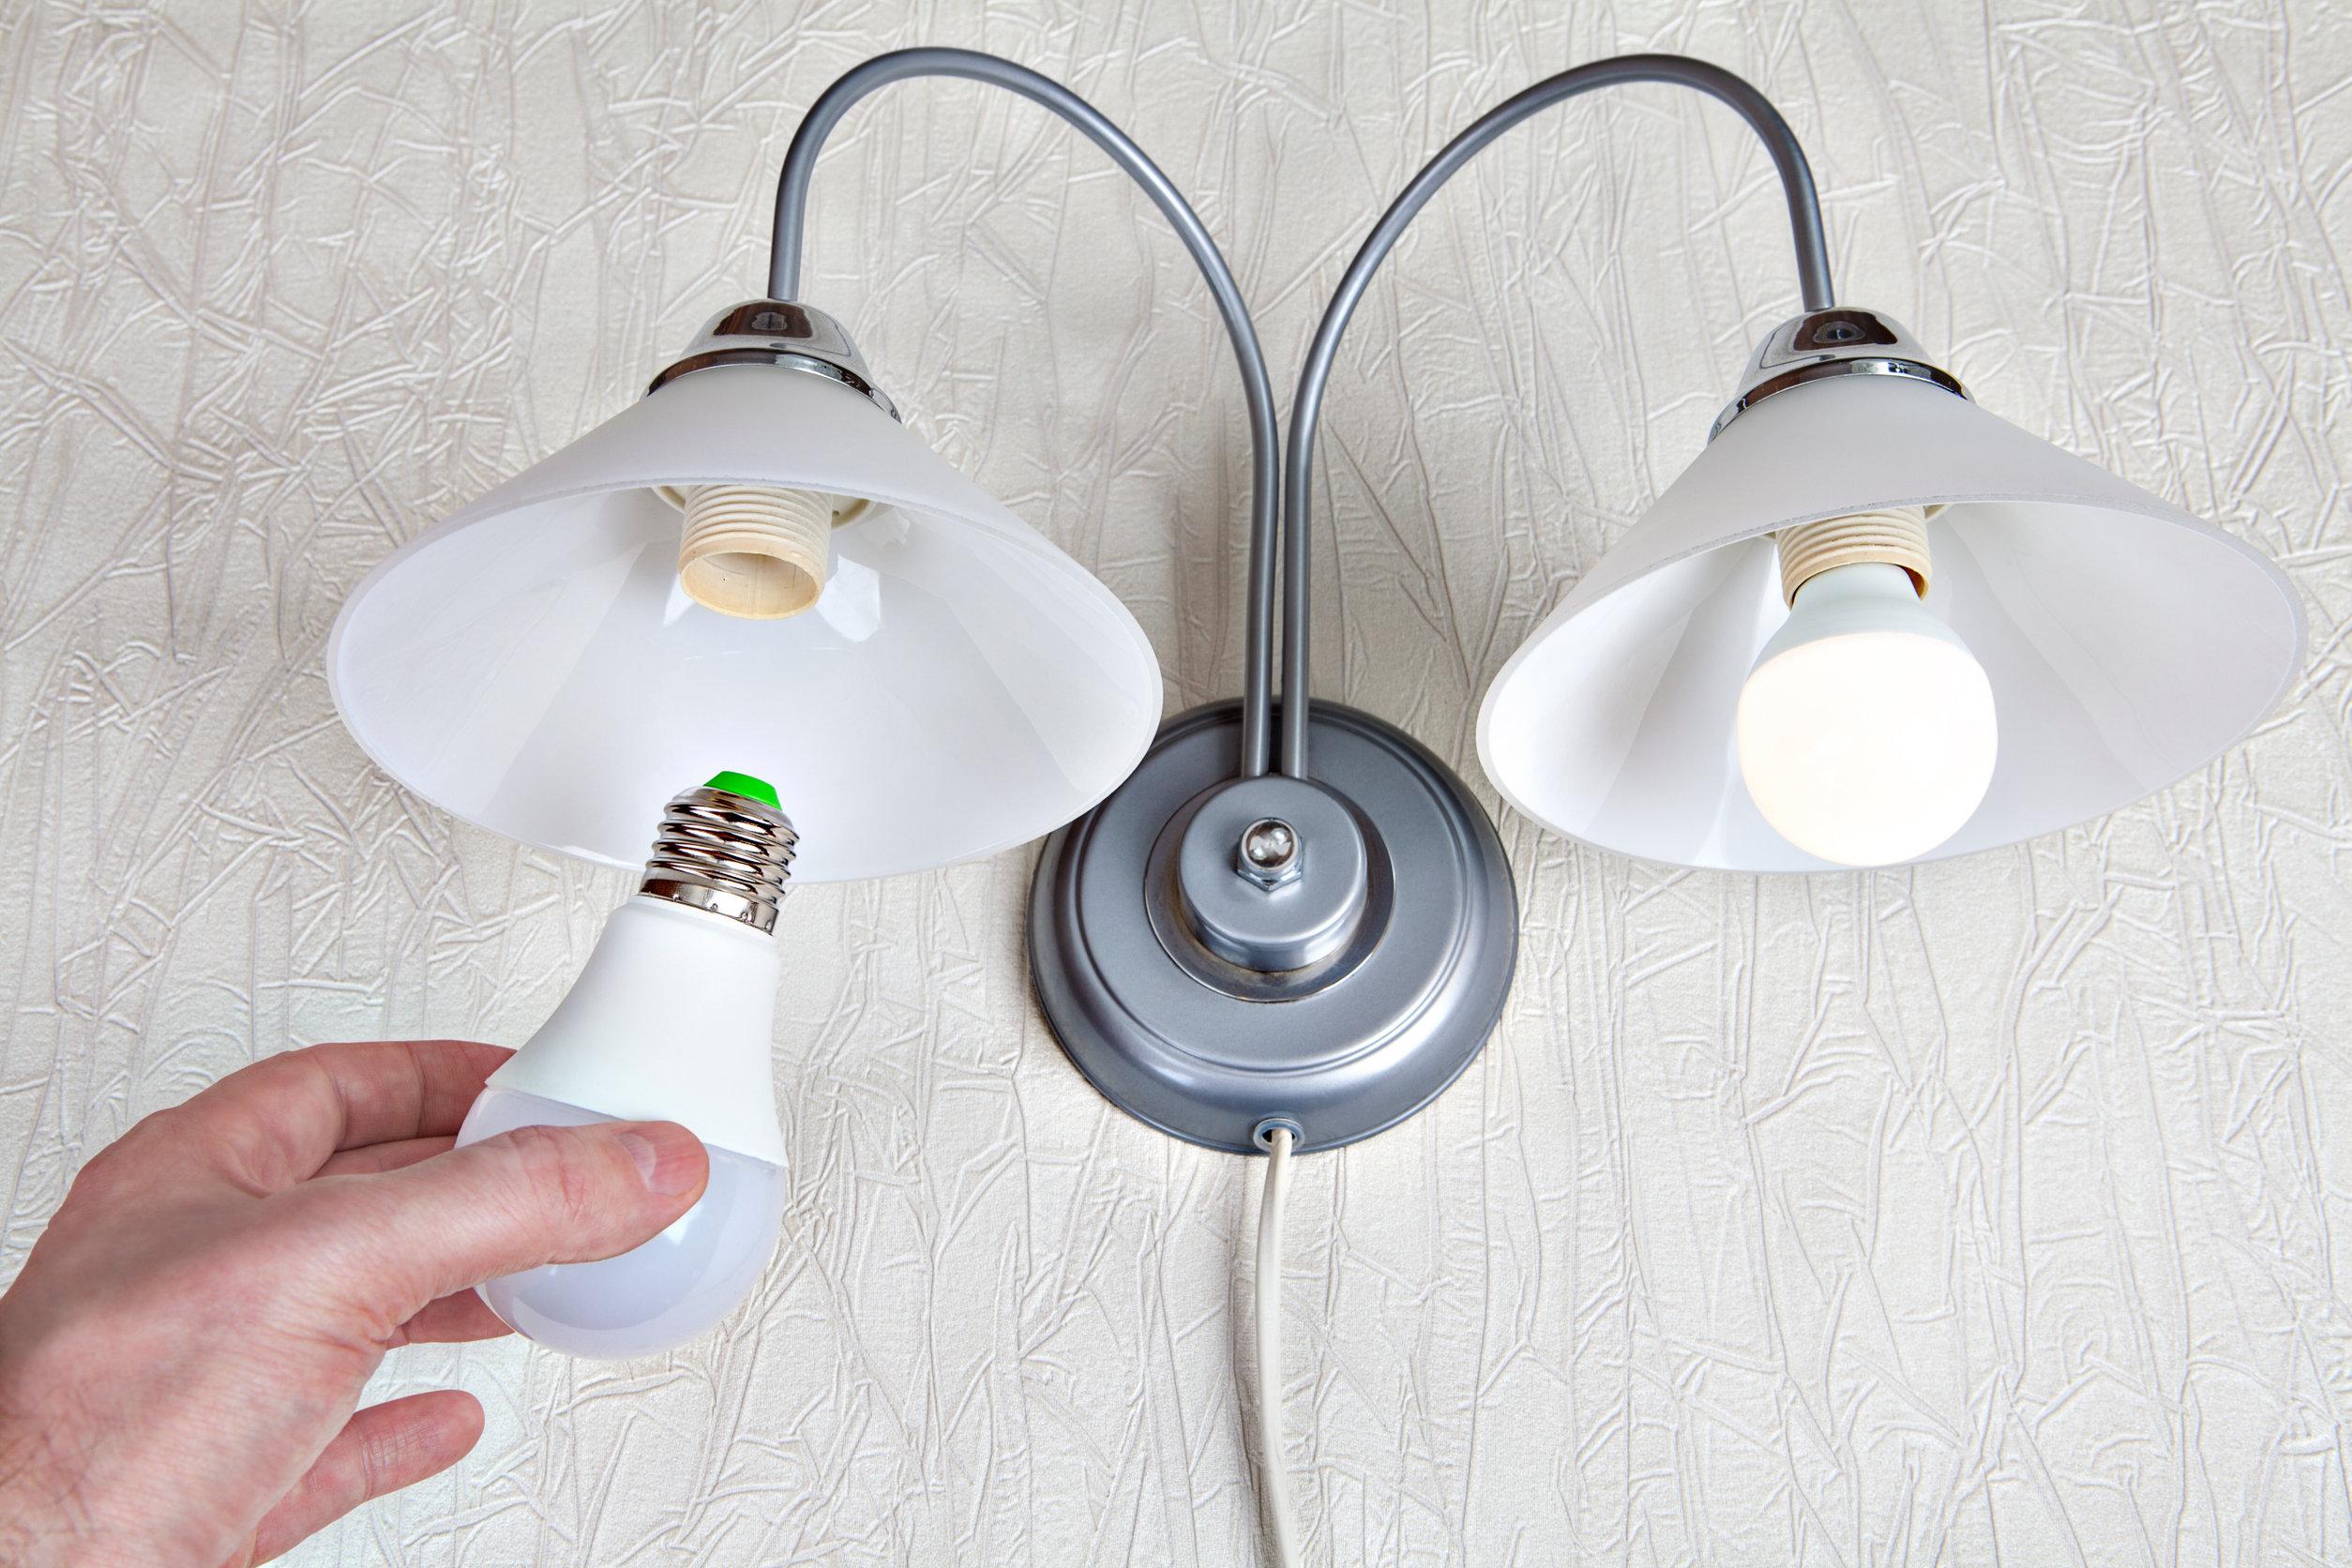 cambiando bombillo de lampara de pared